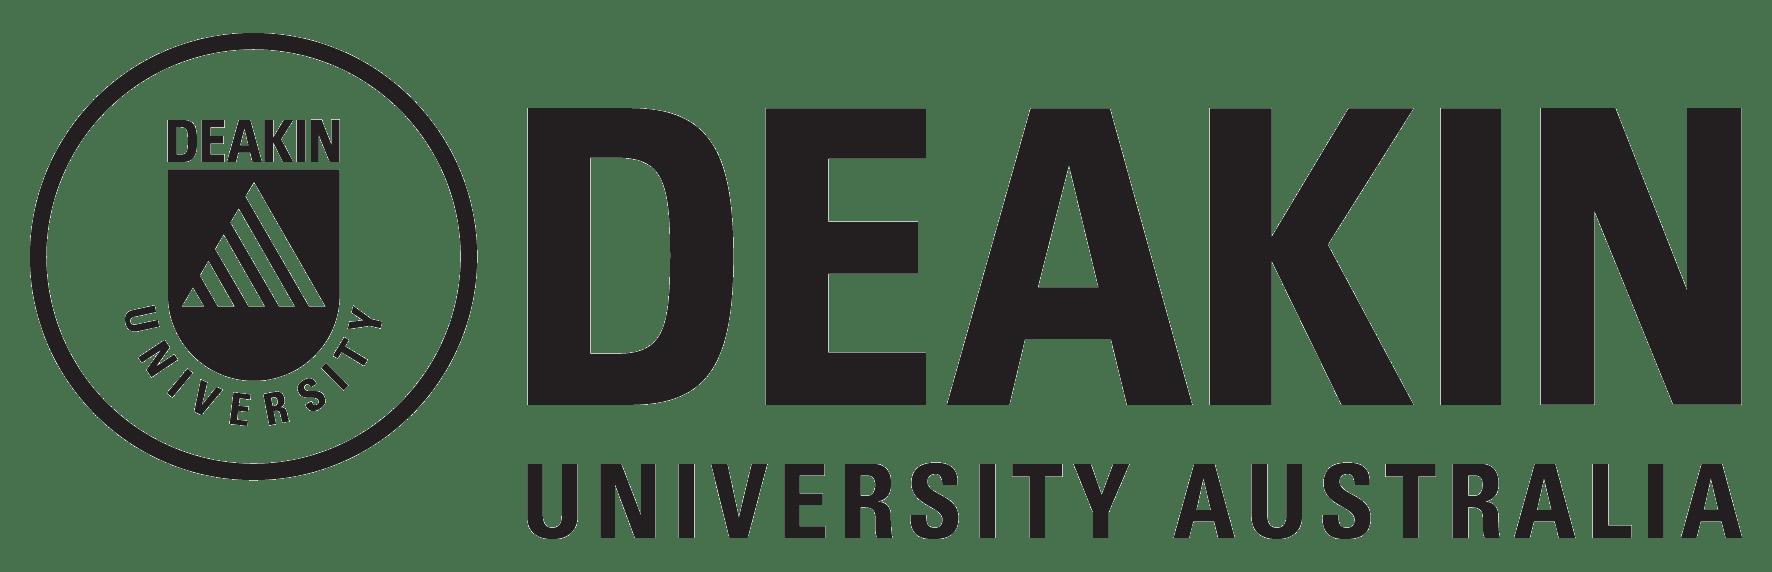 deakin-university-australia